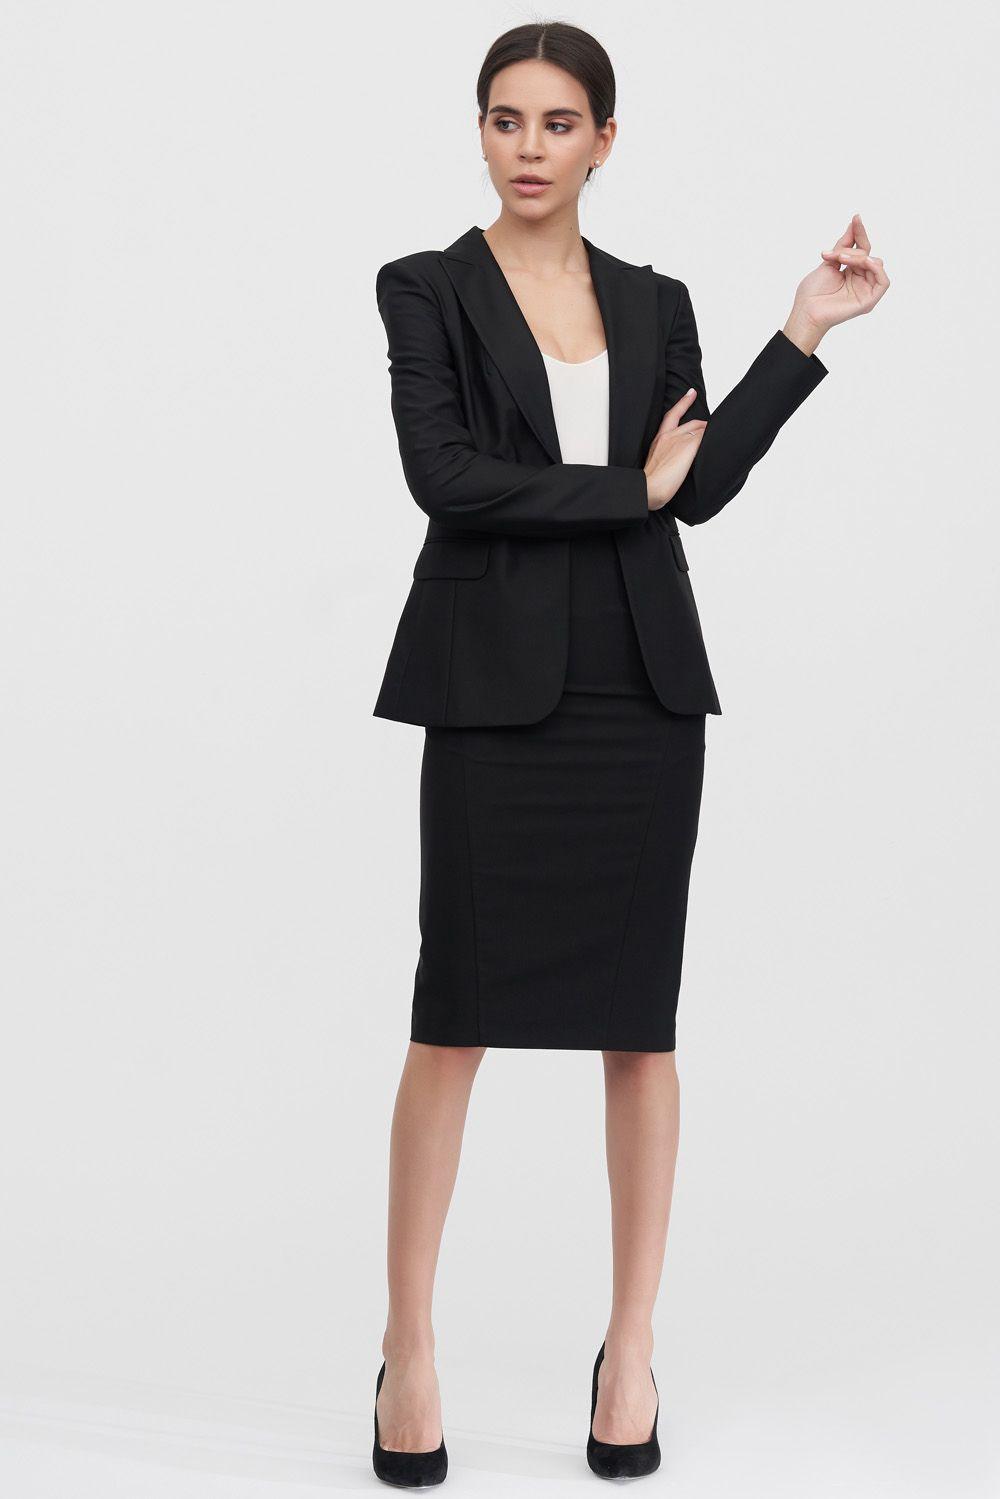 Юбка женские Natali Bolgar модель 1030MAD49 отзывы, 2017